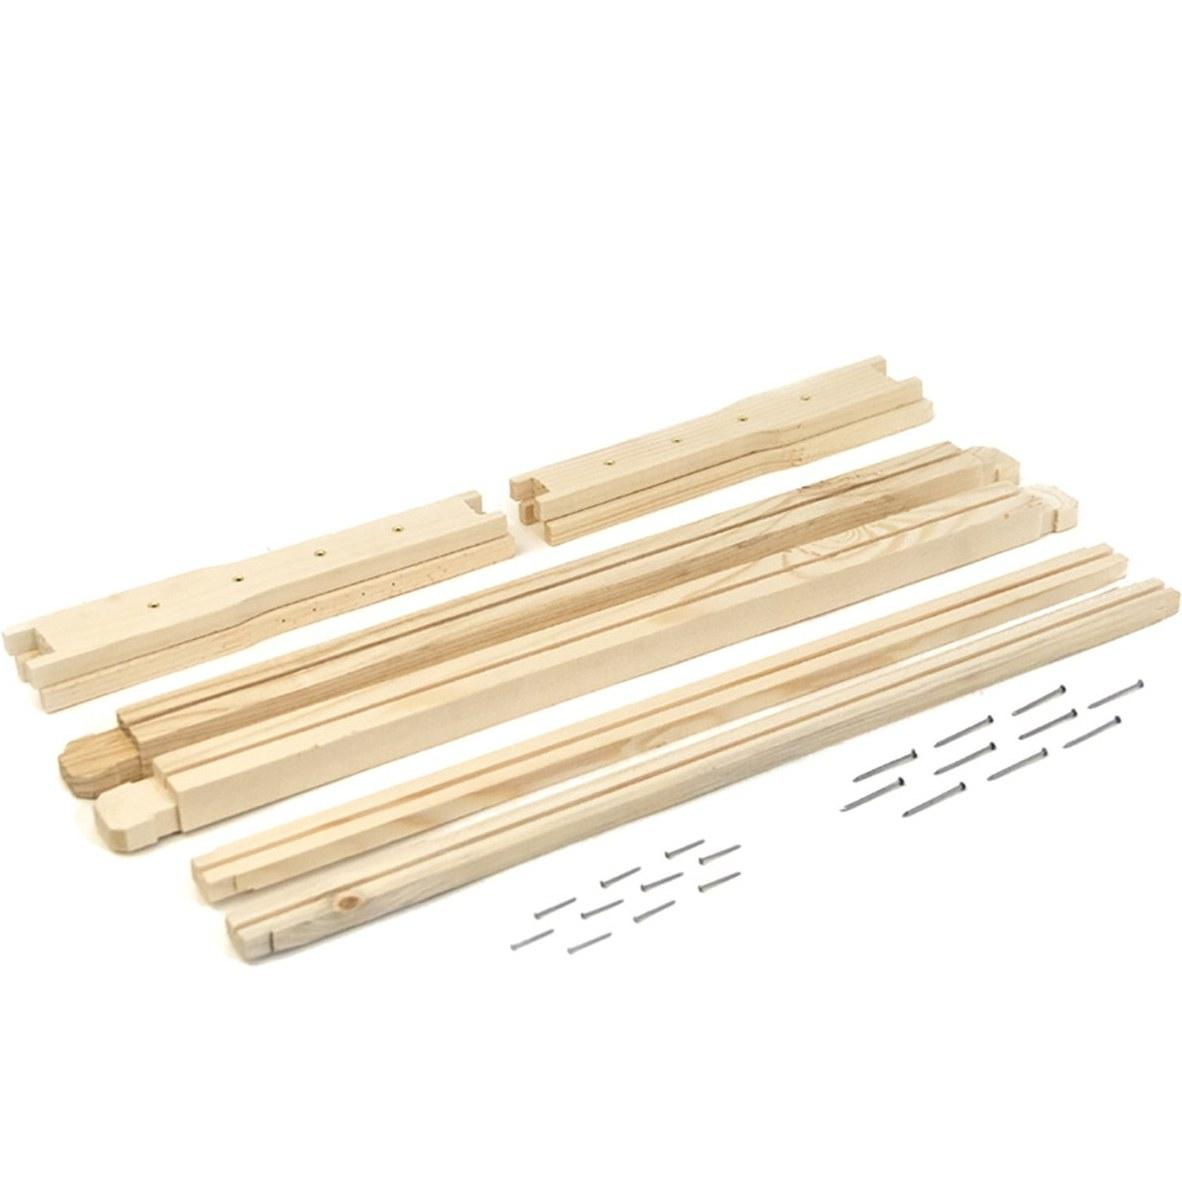 تصویر قاب چوبی بلند مونتاژ نشده هفت گوهر